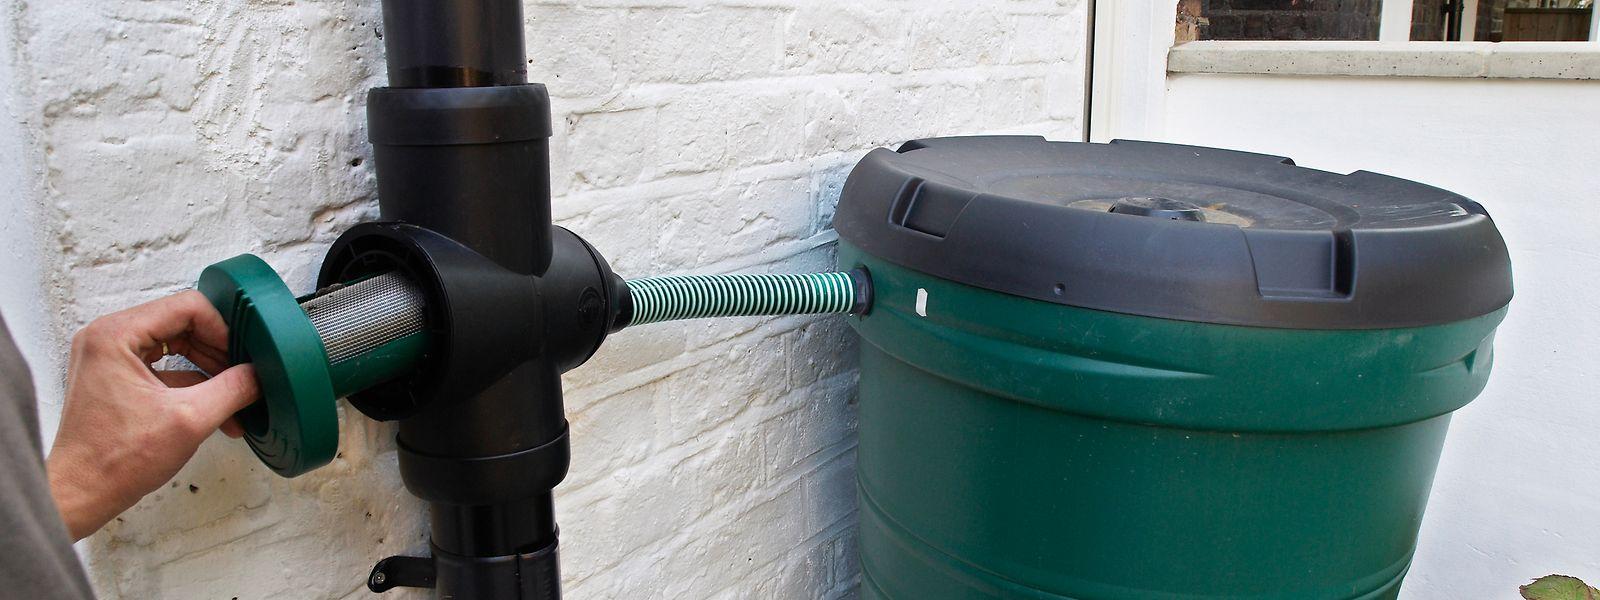 Nombre d'installations publiques ont choisi de récupérer l'eau de pluie pour en faire bon usage.